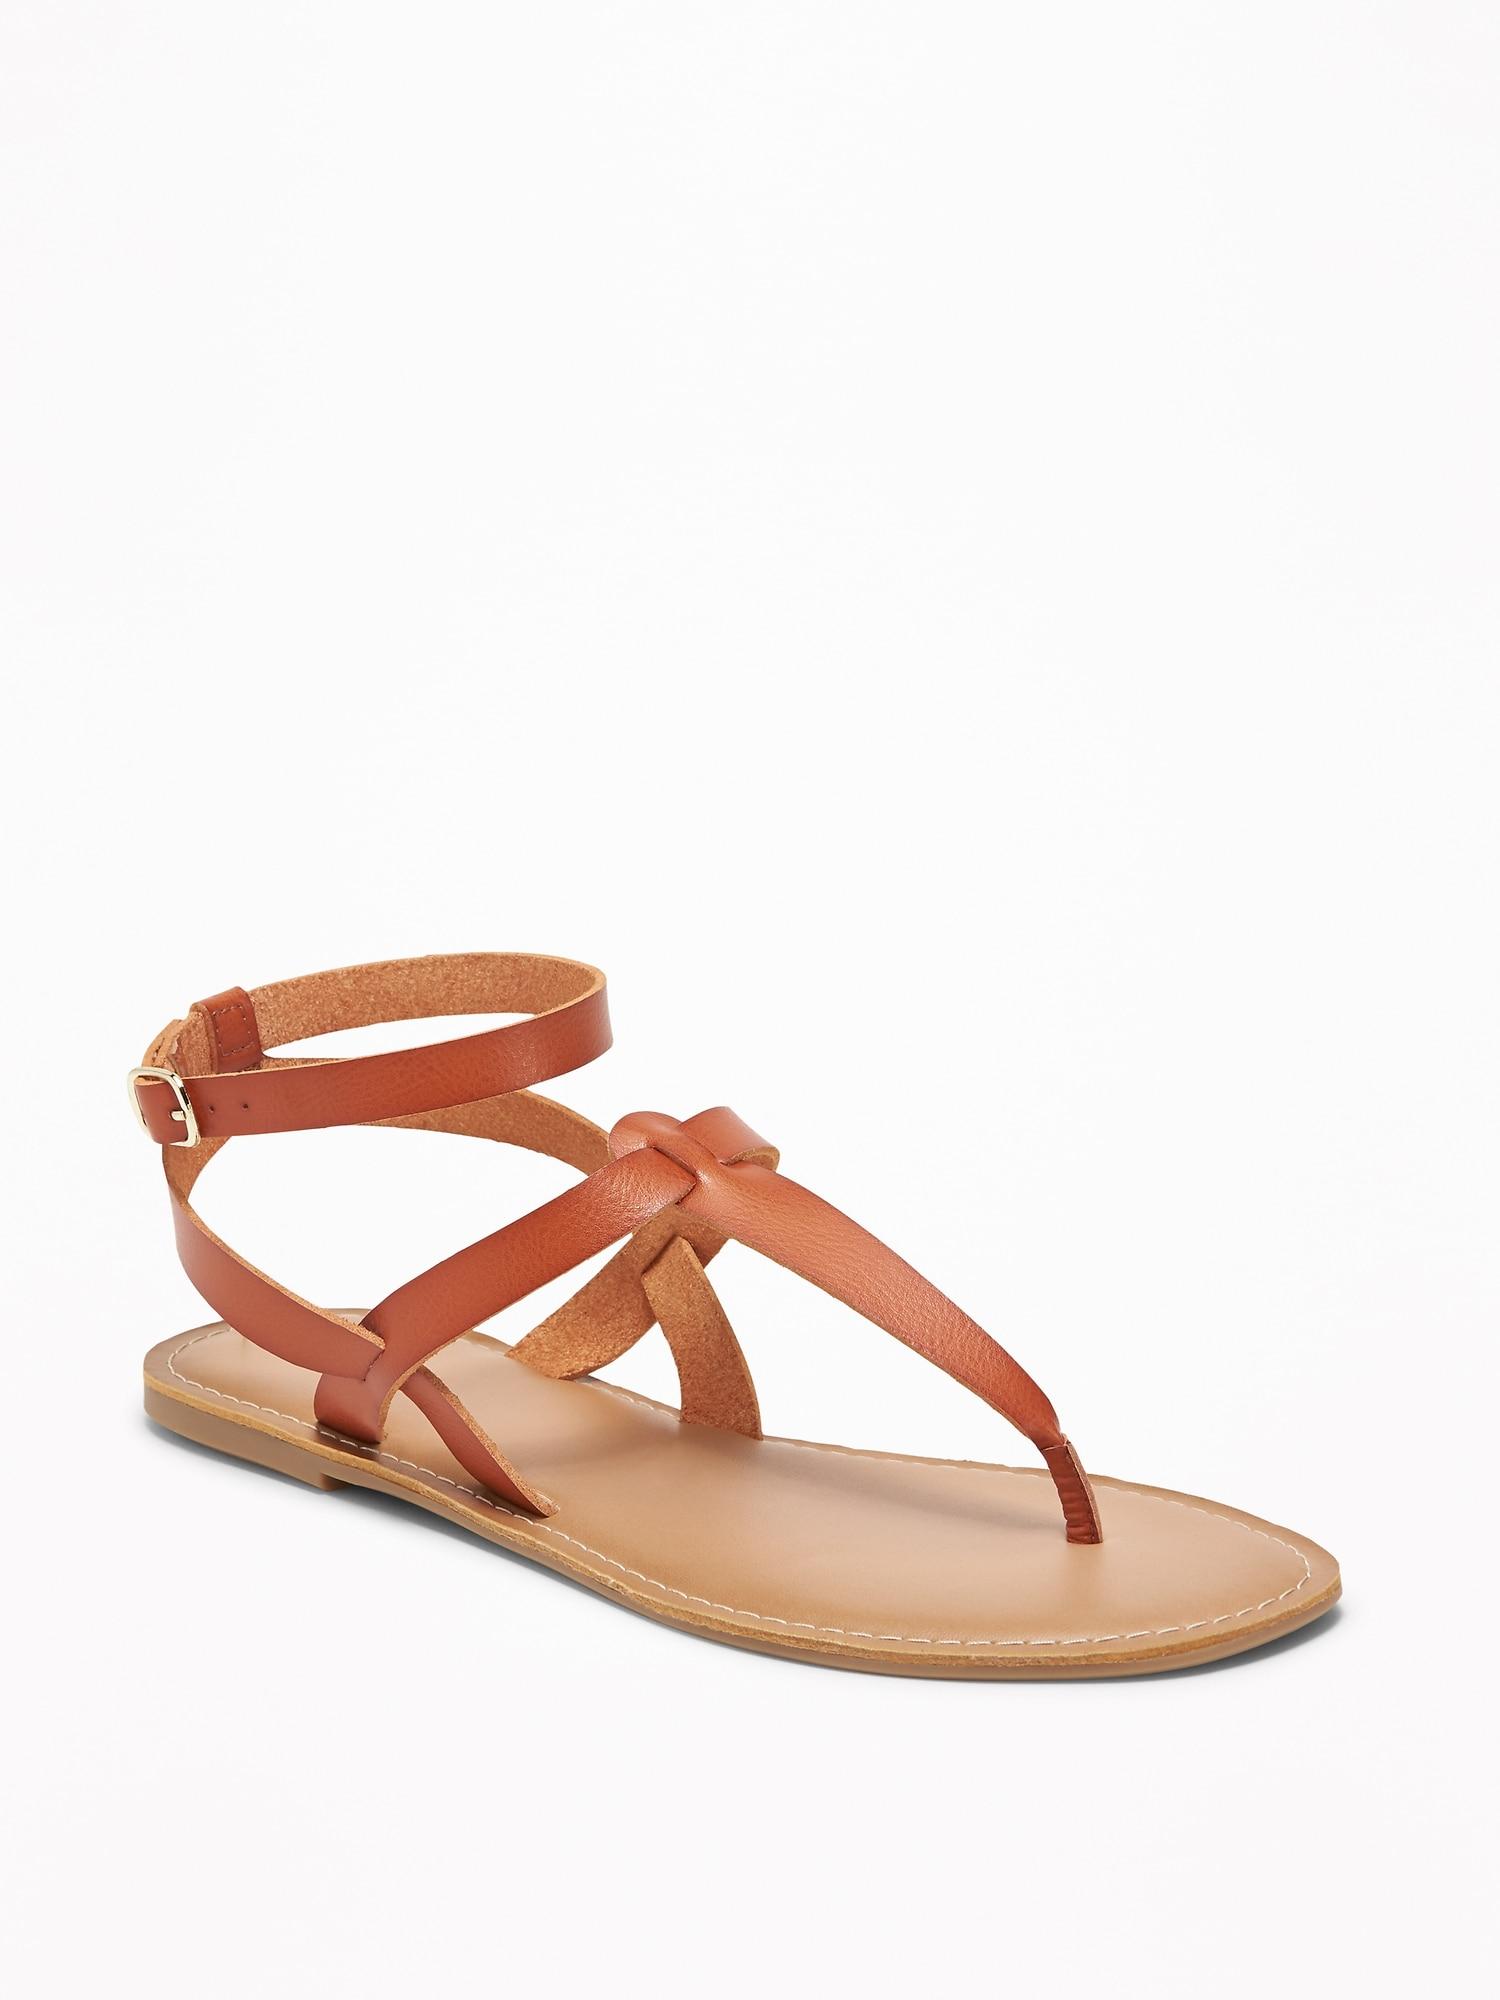 27e13c1d7 Faux-Leather T-Strap Sandals for Women